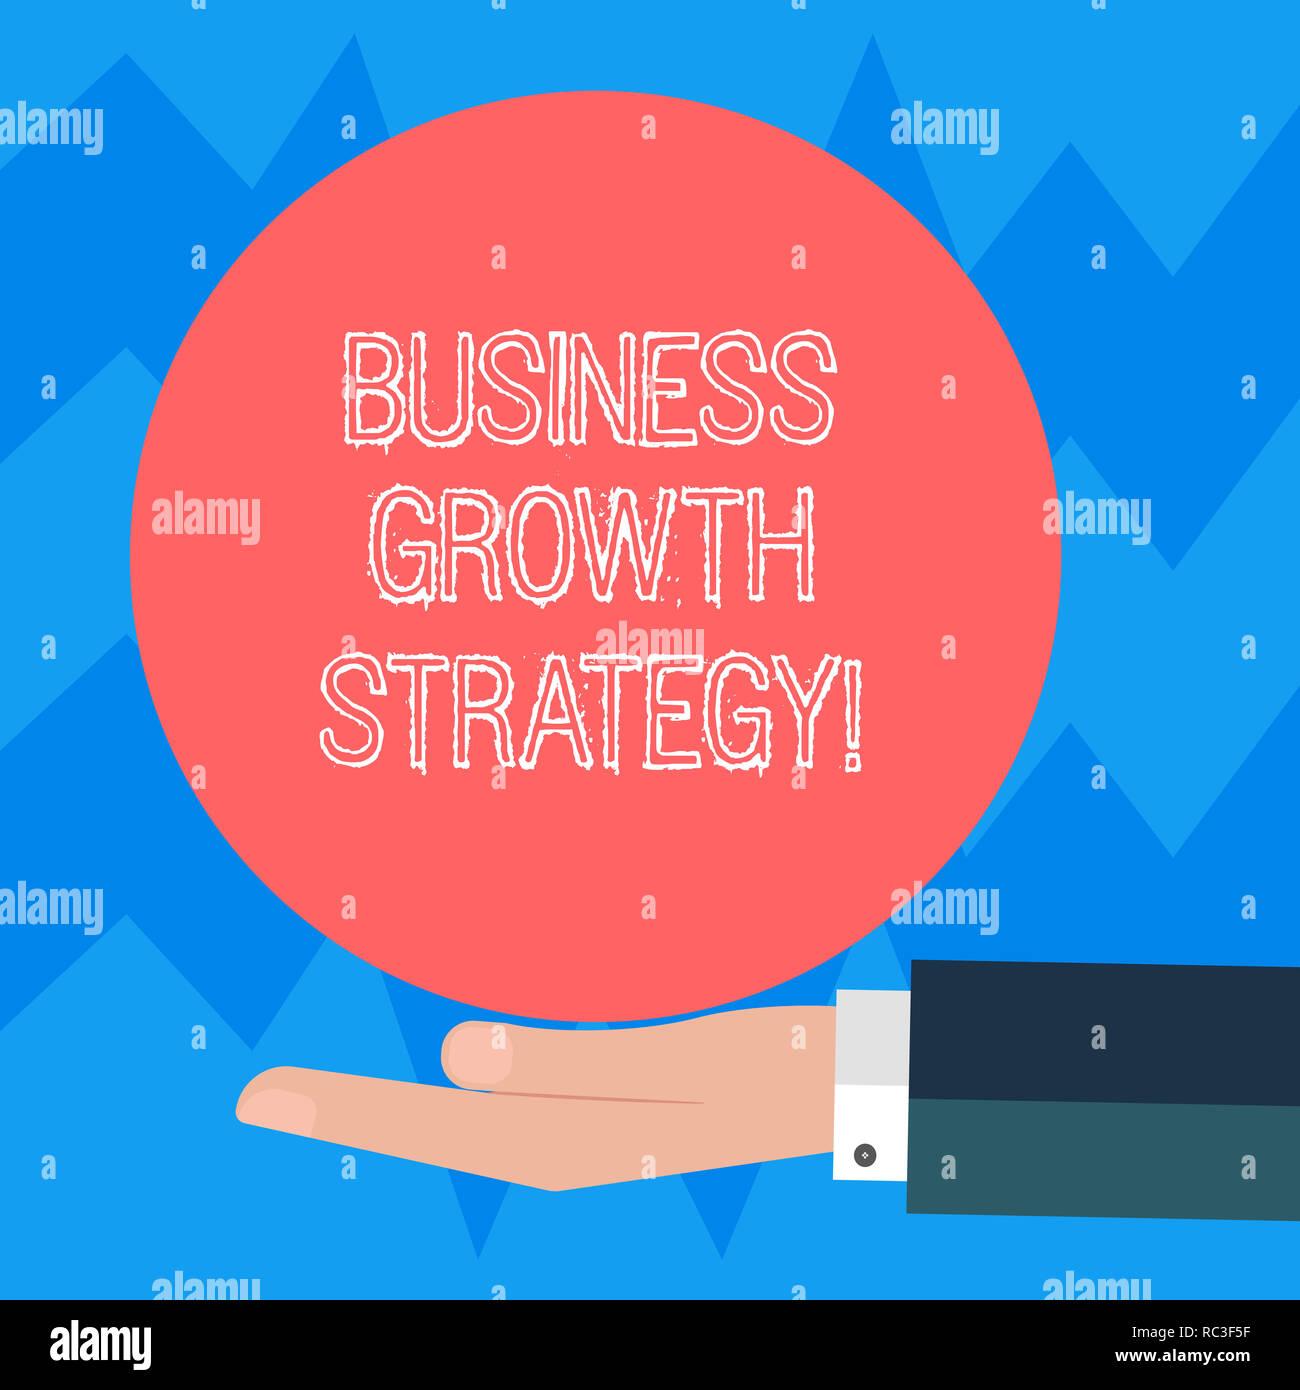 Urbanization any Stock market penetration strategies